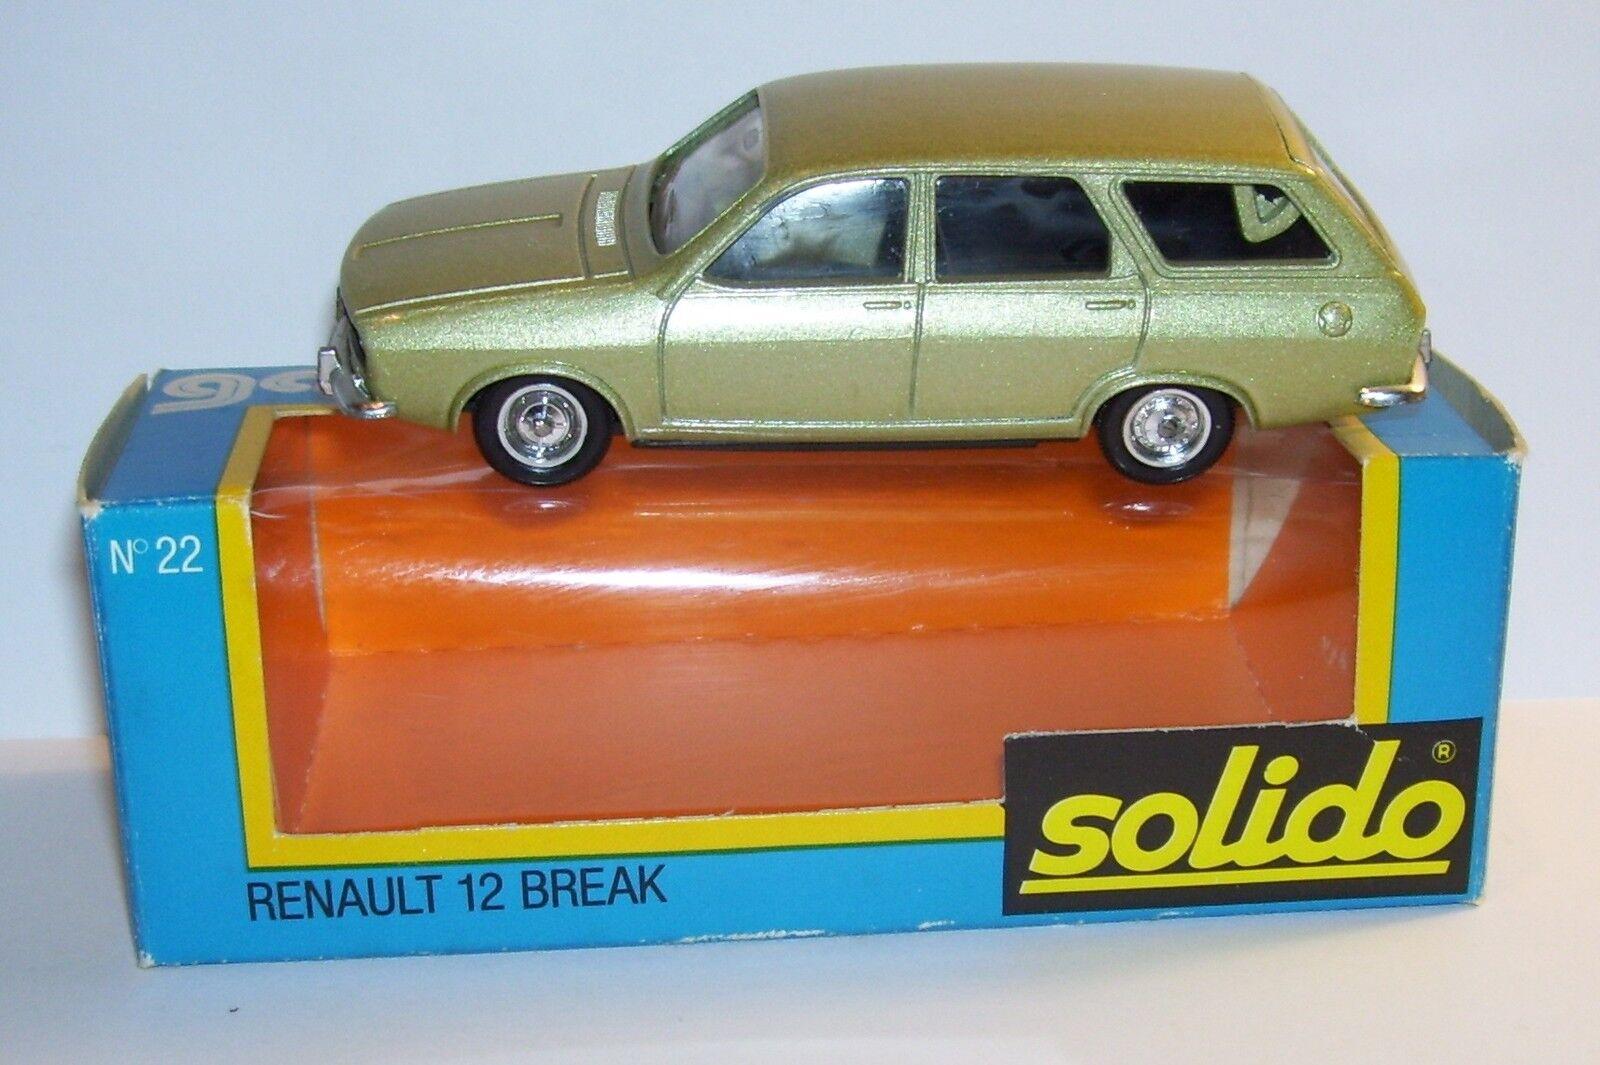 ORIGINAL RARE SOLIDO RENAULT 12 BREAK BREAK BREAK VERT CLAIR METAL 1975 REF 22 IN BOX bc5391